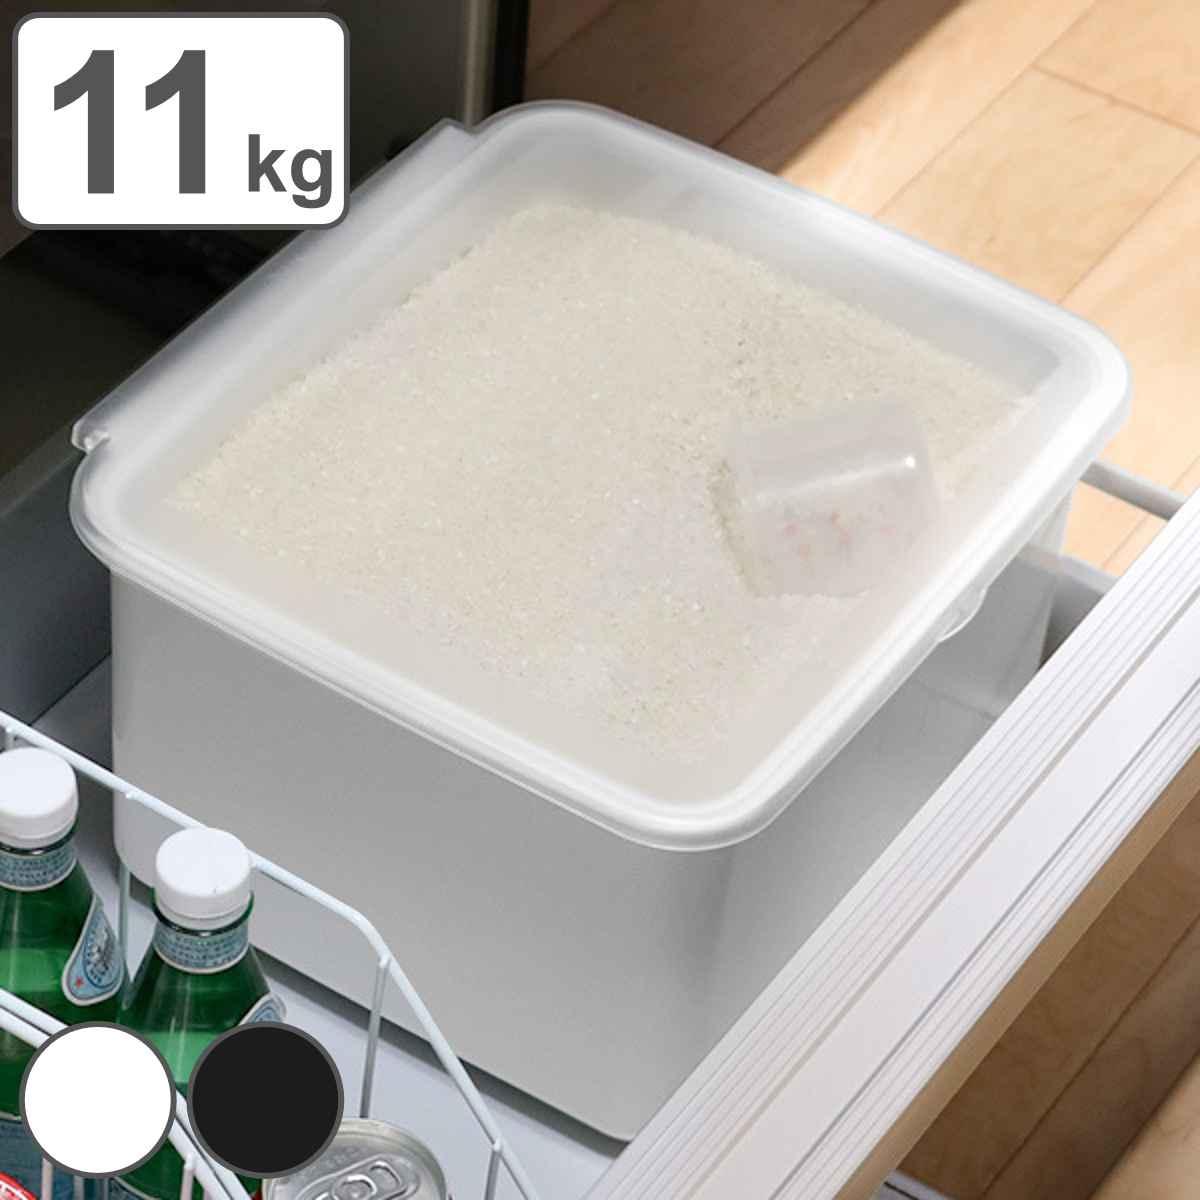 きちんと片づければ お料理もはかどる 米びつ 価格 10kg用 システムキッチン 引き出し用 Soroelusmart ソロエルスマート ライスボックス 割引も実施中 11kg ライスストッカー 米櫃 こめびつ プラスチック 保存容器 米ストッカー シンク下 収納 お米収納 10kg 保存 冷蔵庫 コメビツ 米